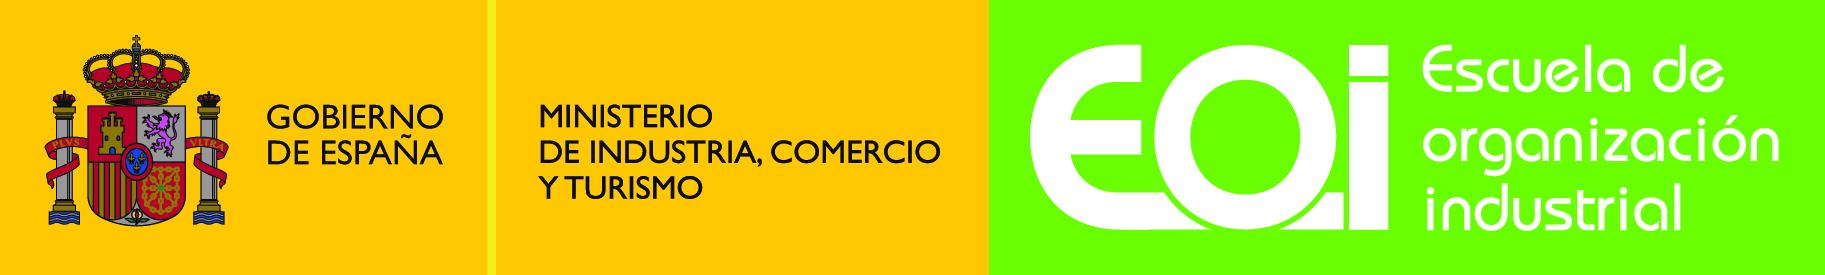 Emprendedores Logo